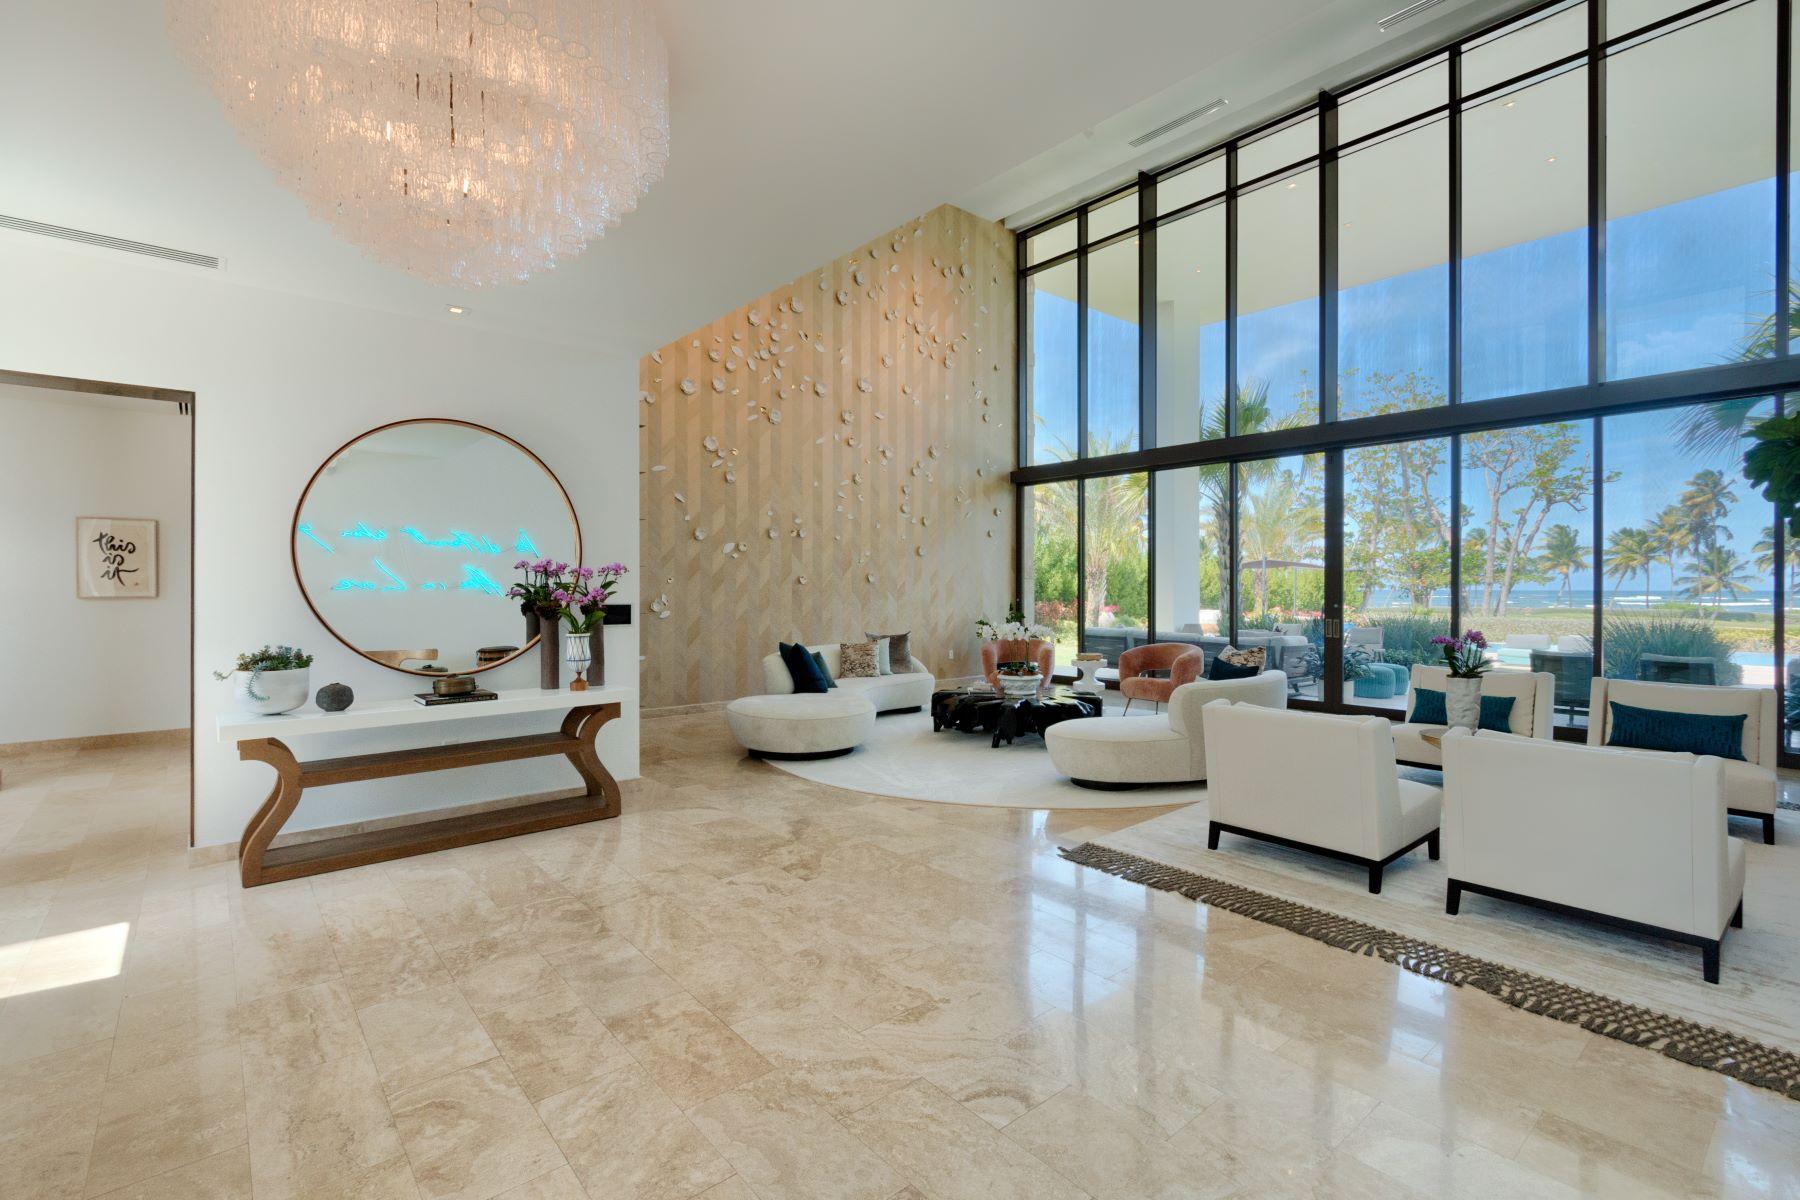 Single Family Homes for Active at 7 East Beach Ritz Carlton Reserve 200 Dorado Beach Drive, Ritz Carlton Reserve Dorado Beach, Puerto Rico 00646 Puerto Rico